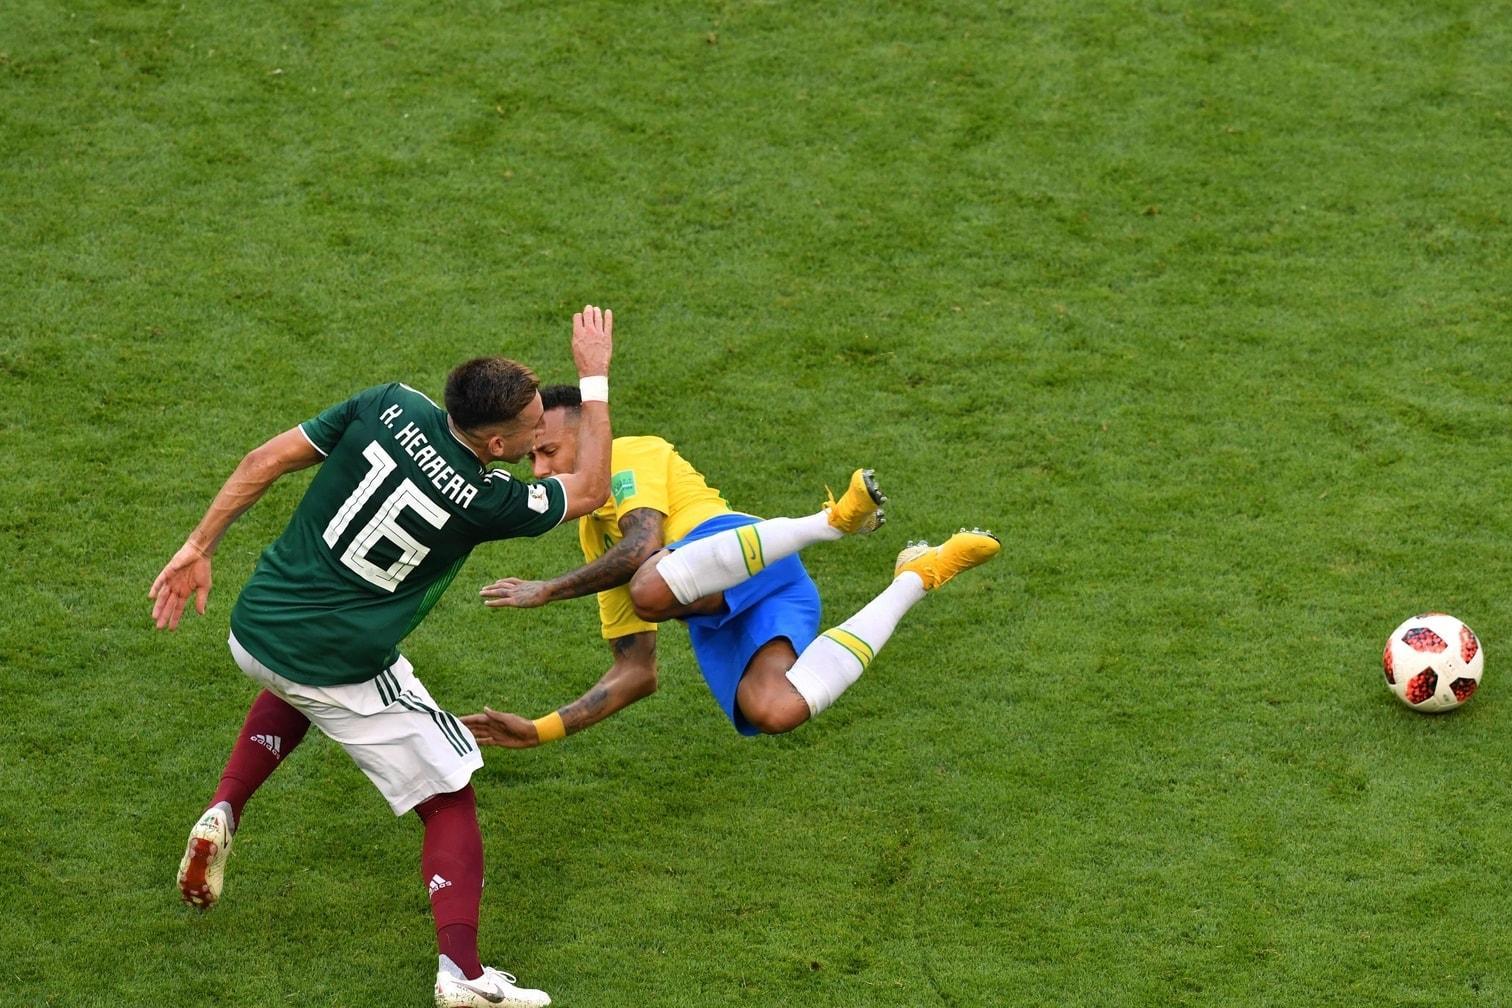 <p>Doch wenige Minuten später lief Neymar wieder über den Rasen